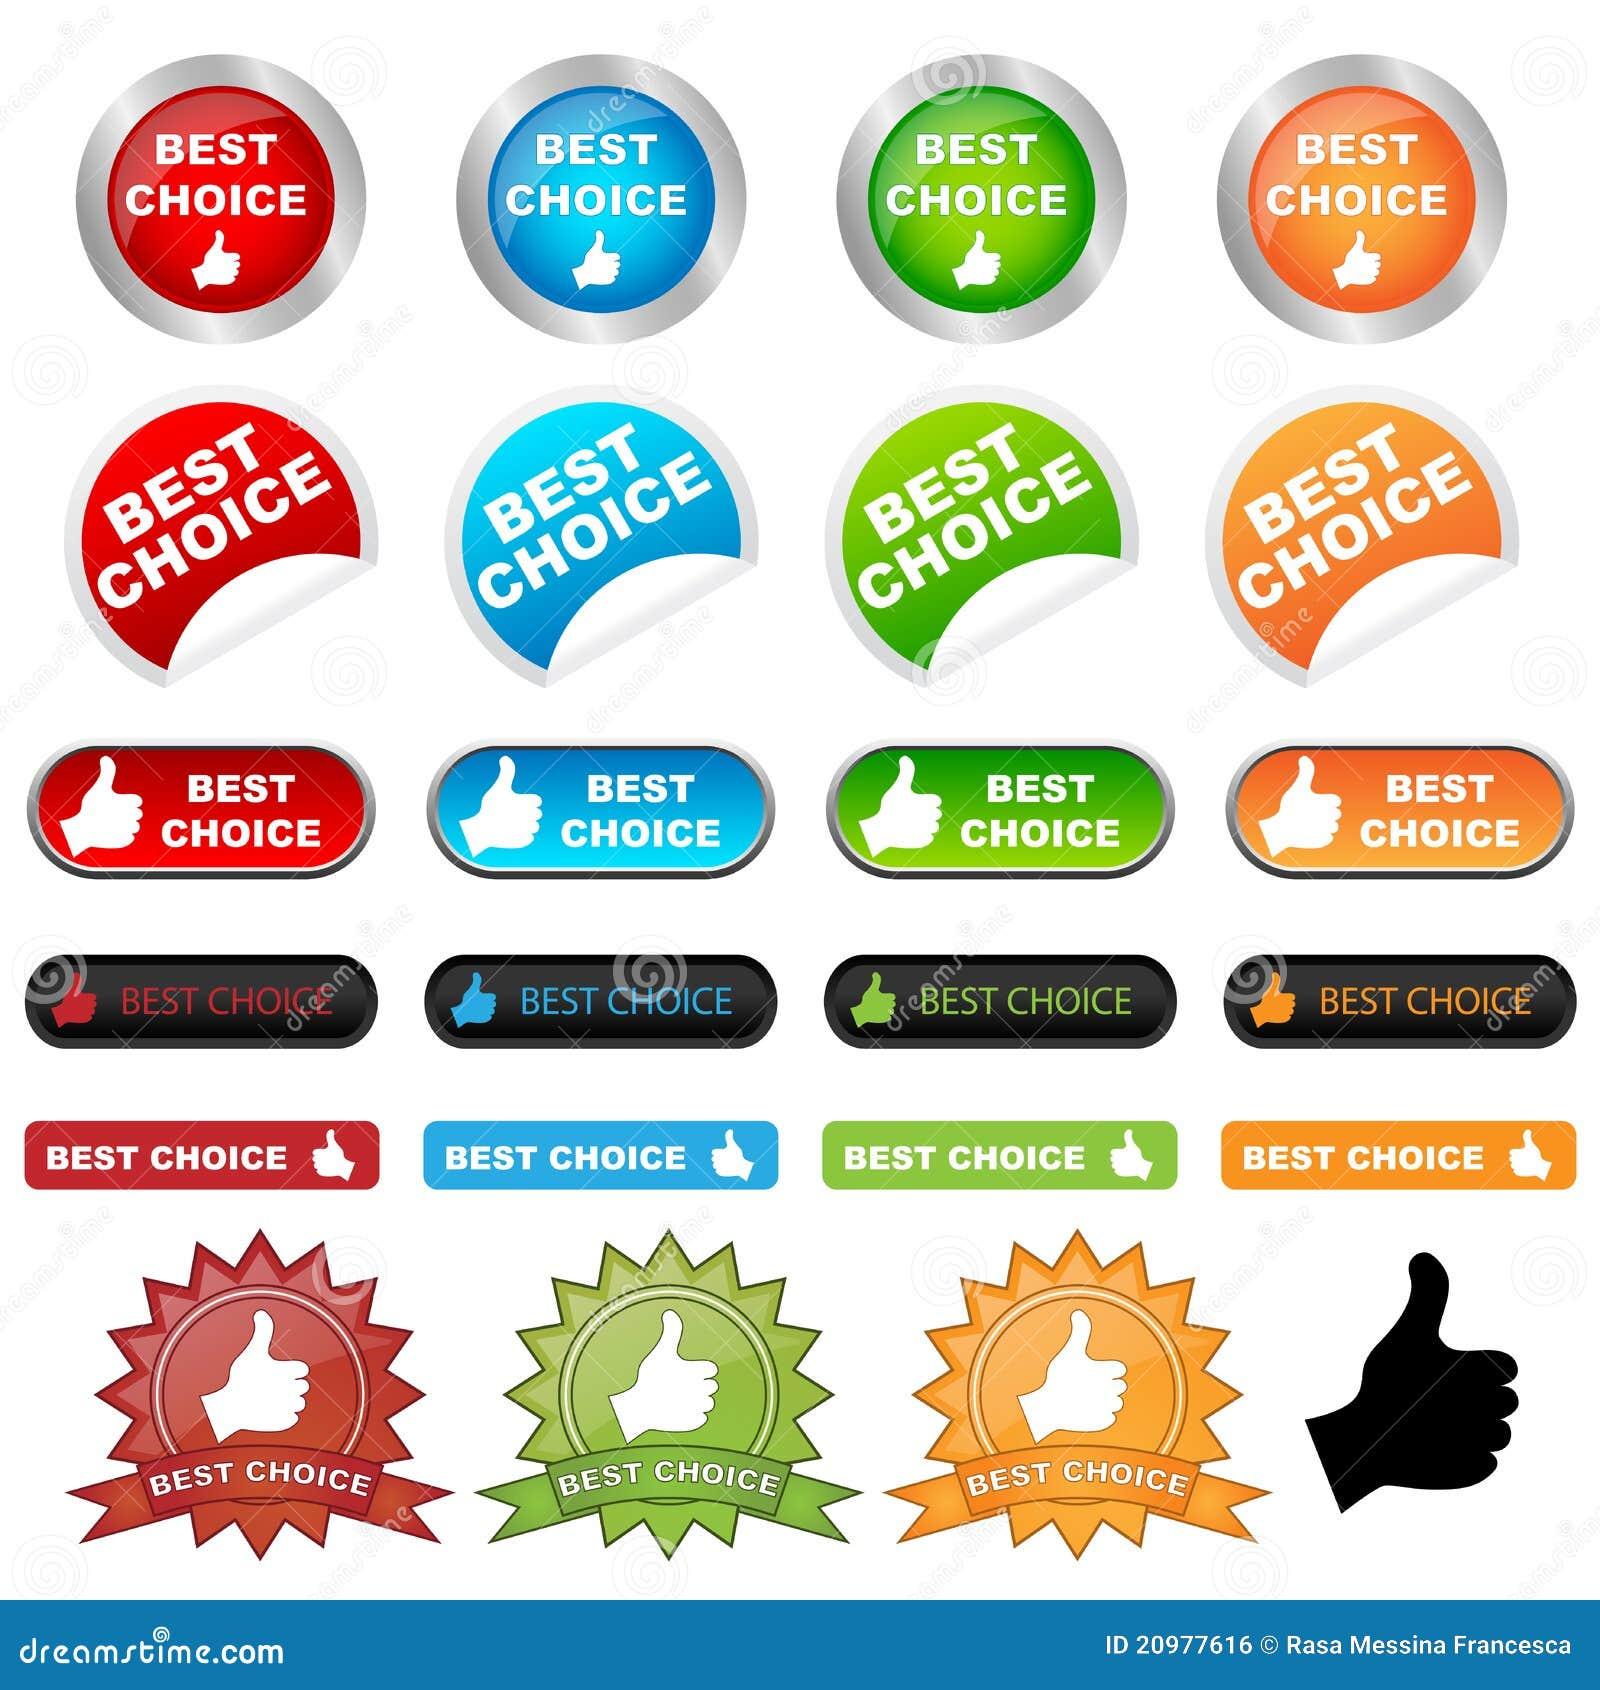 Les meilleurs boutons bien choisis